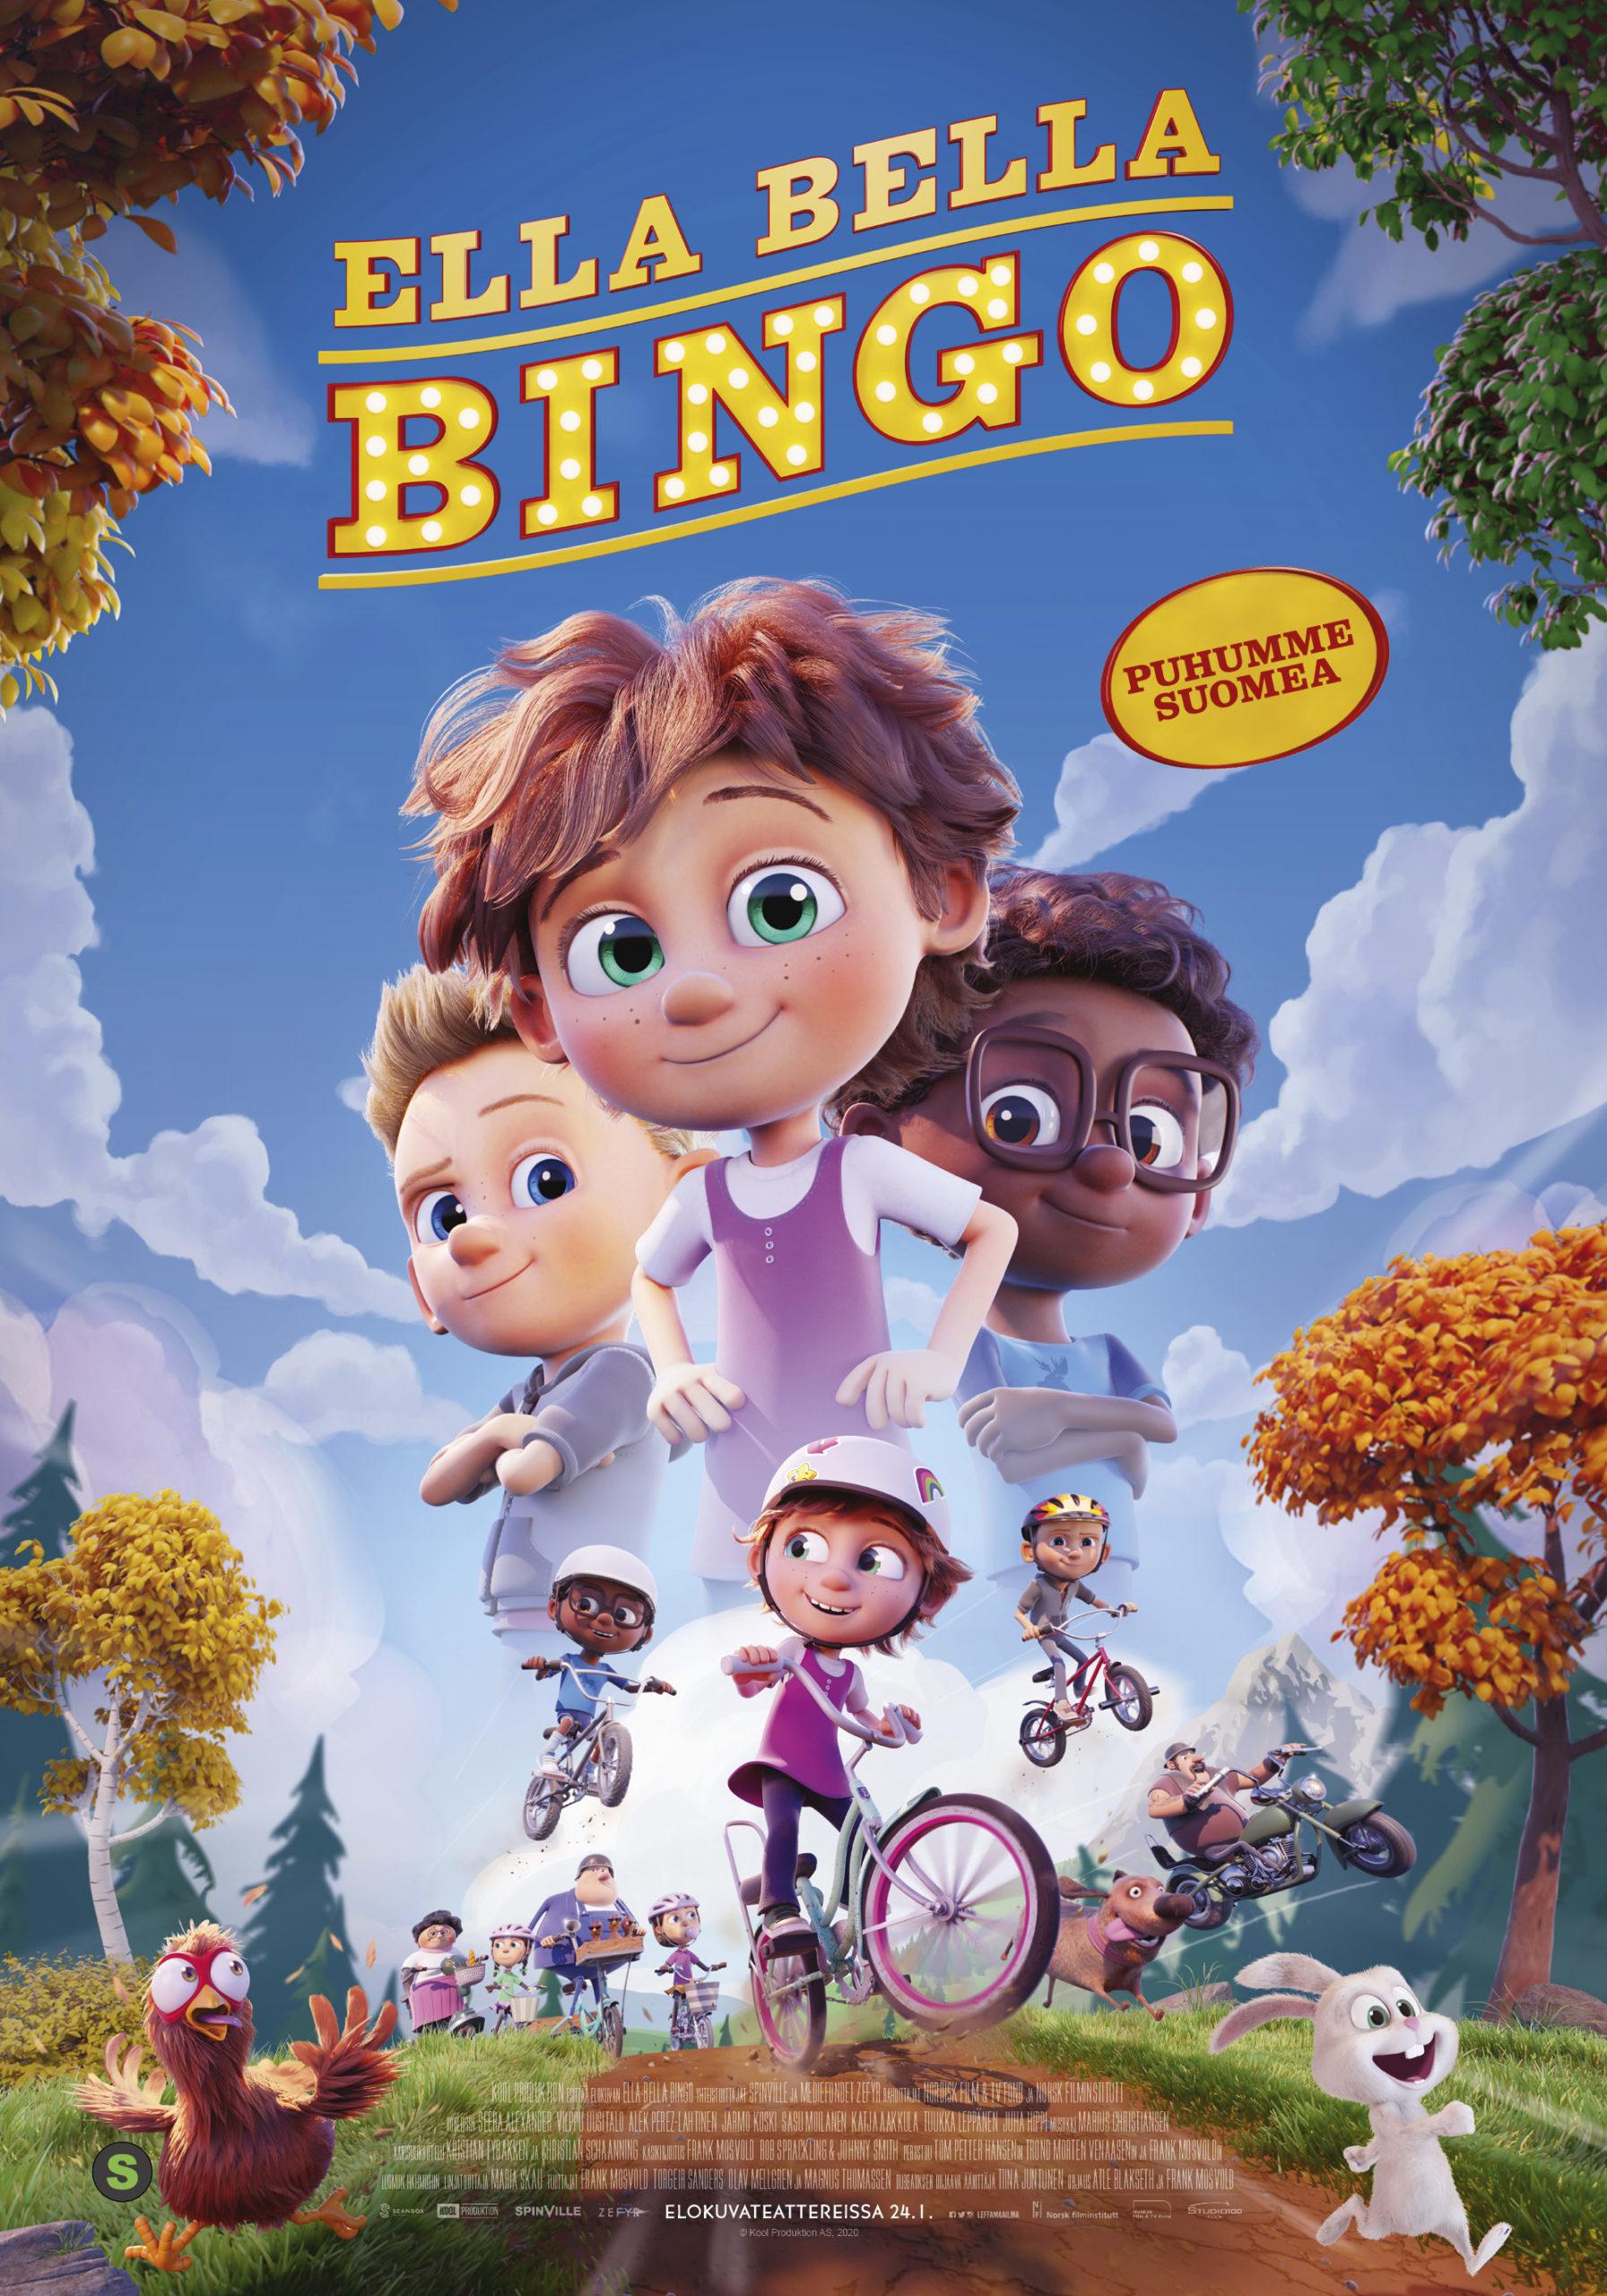 Ystävyyden voimaan vannova koko perheen elokuva Ella Bella Bingo Kangasala-talon K-Kinossa tammikuussa 2020.